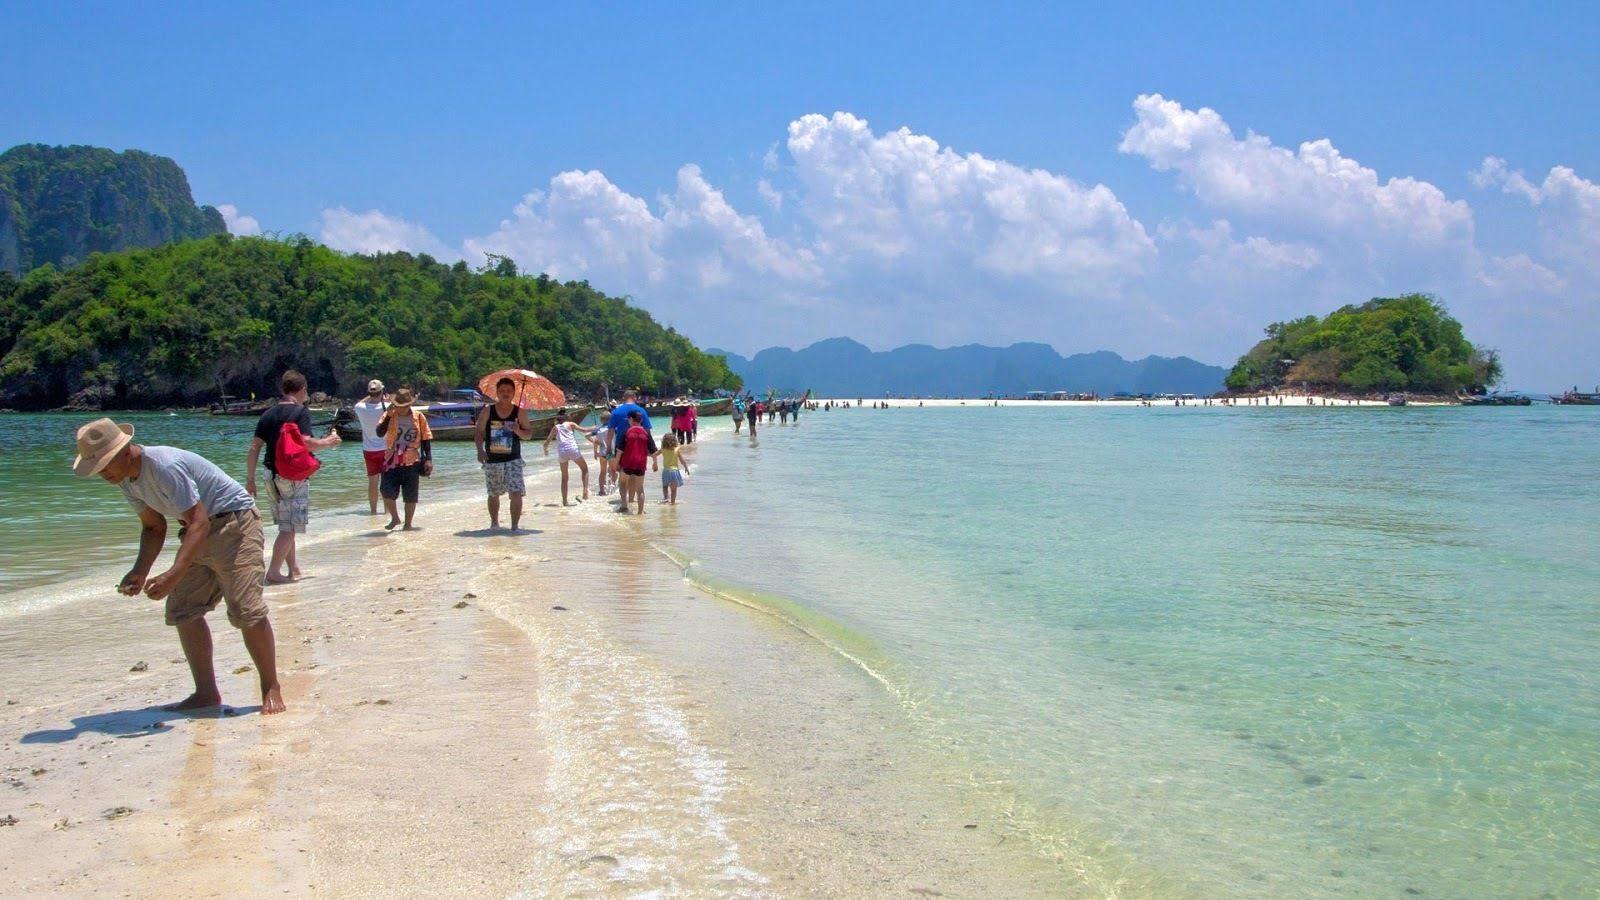 Day Tour from Phuket to 4 Islands around Krabi